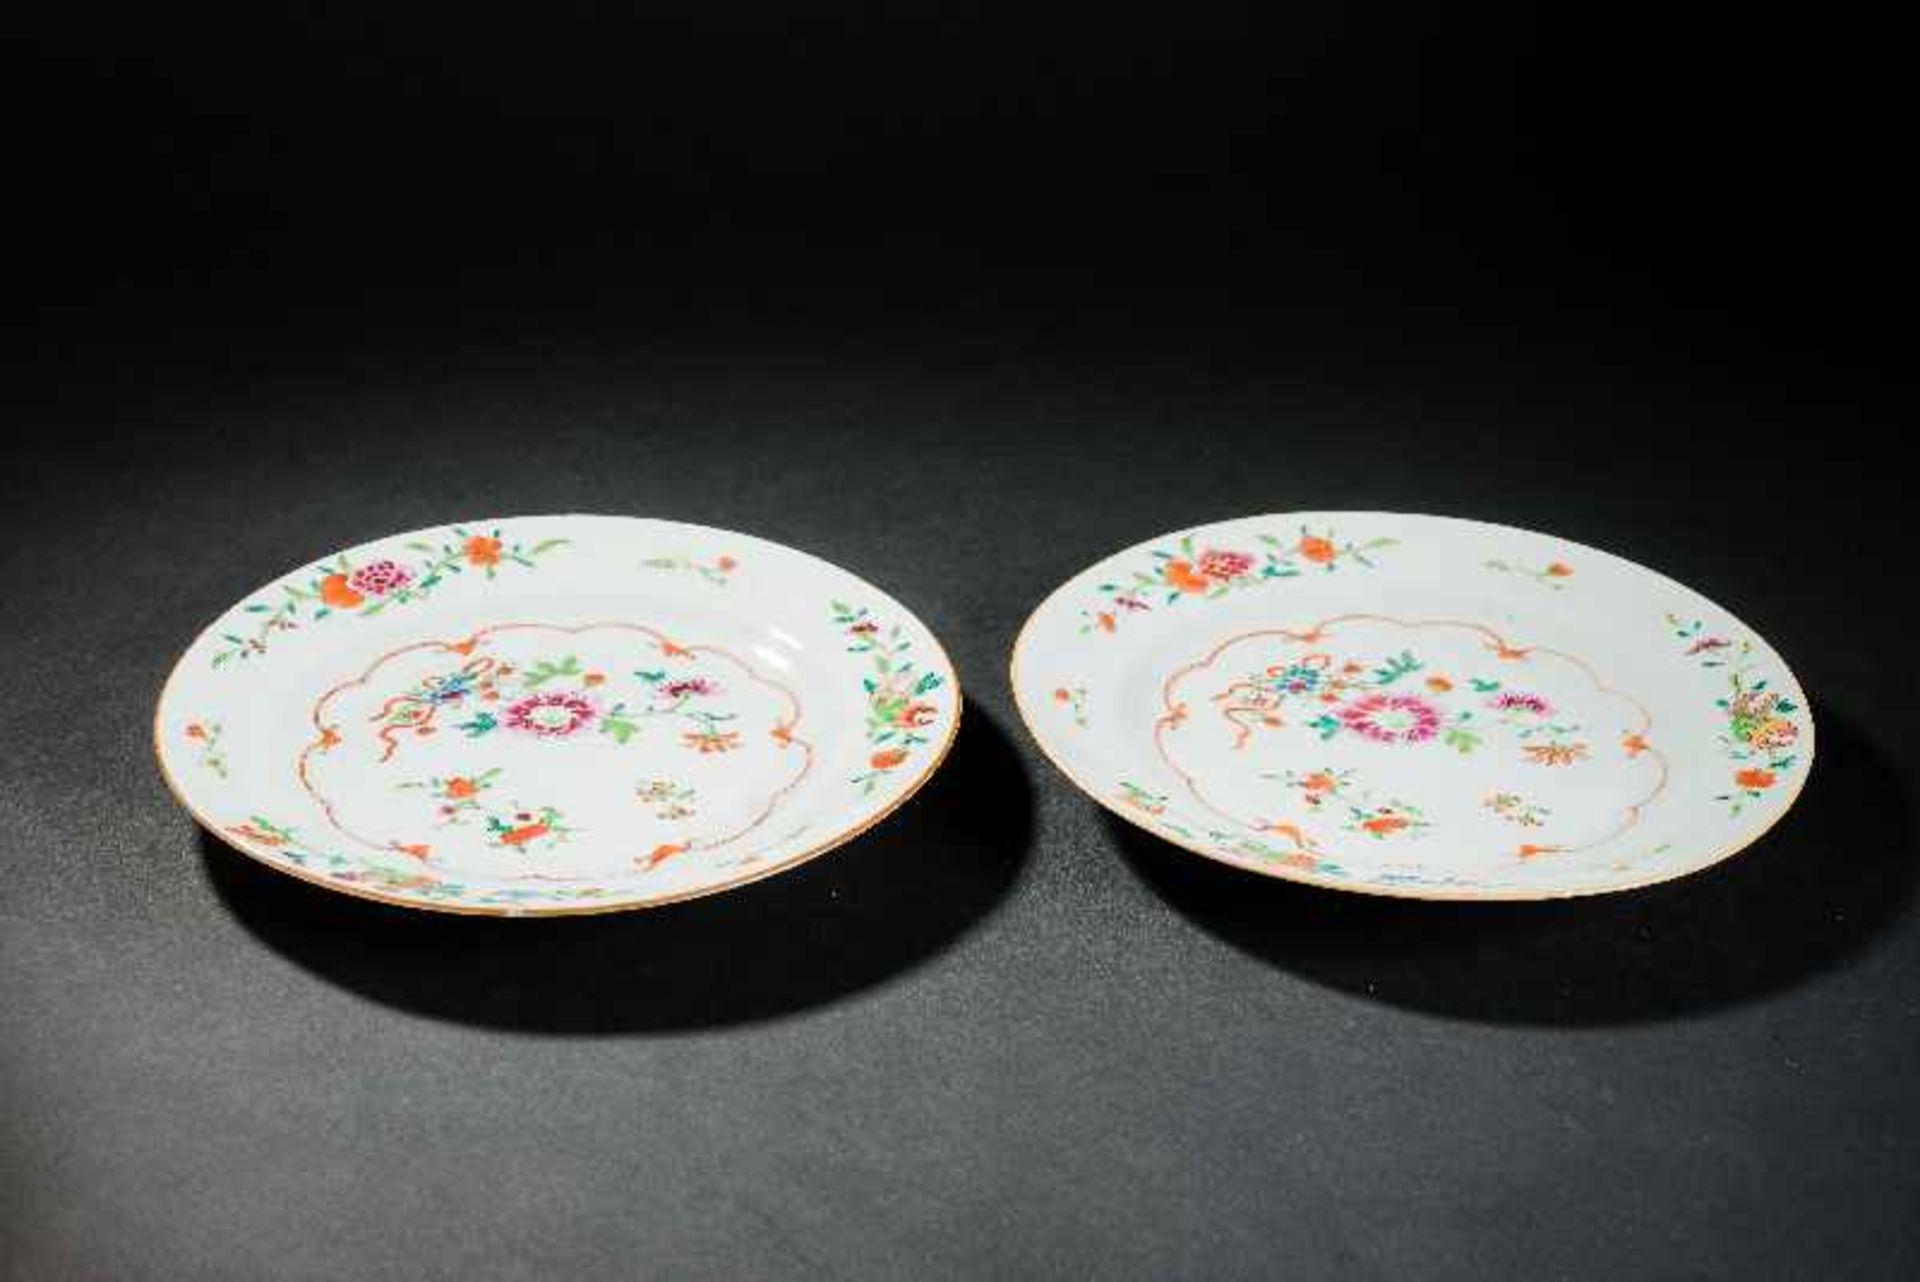 PAAR TELLER Porzellan mit Emailfarben. China, Qing-Dynastie, 18. Jh. Zwei famille-rose Teller, auf - Image 2 of 3